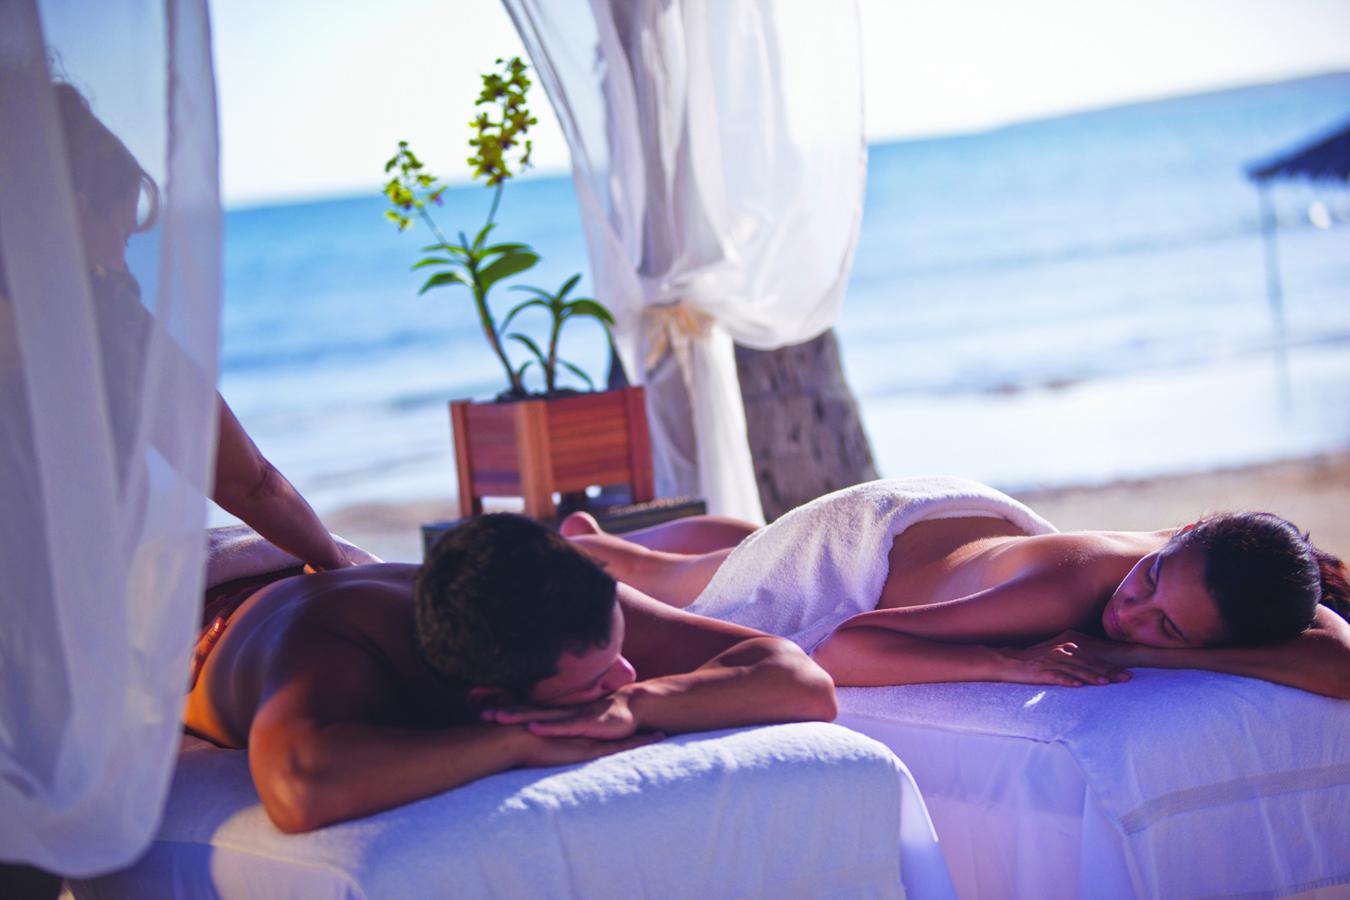 The Spa at Copamarina Beach Resort in Guanica.